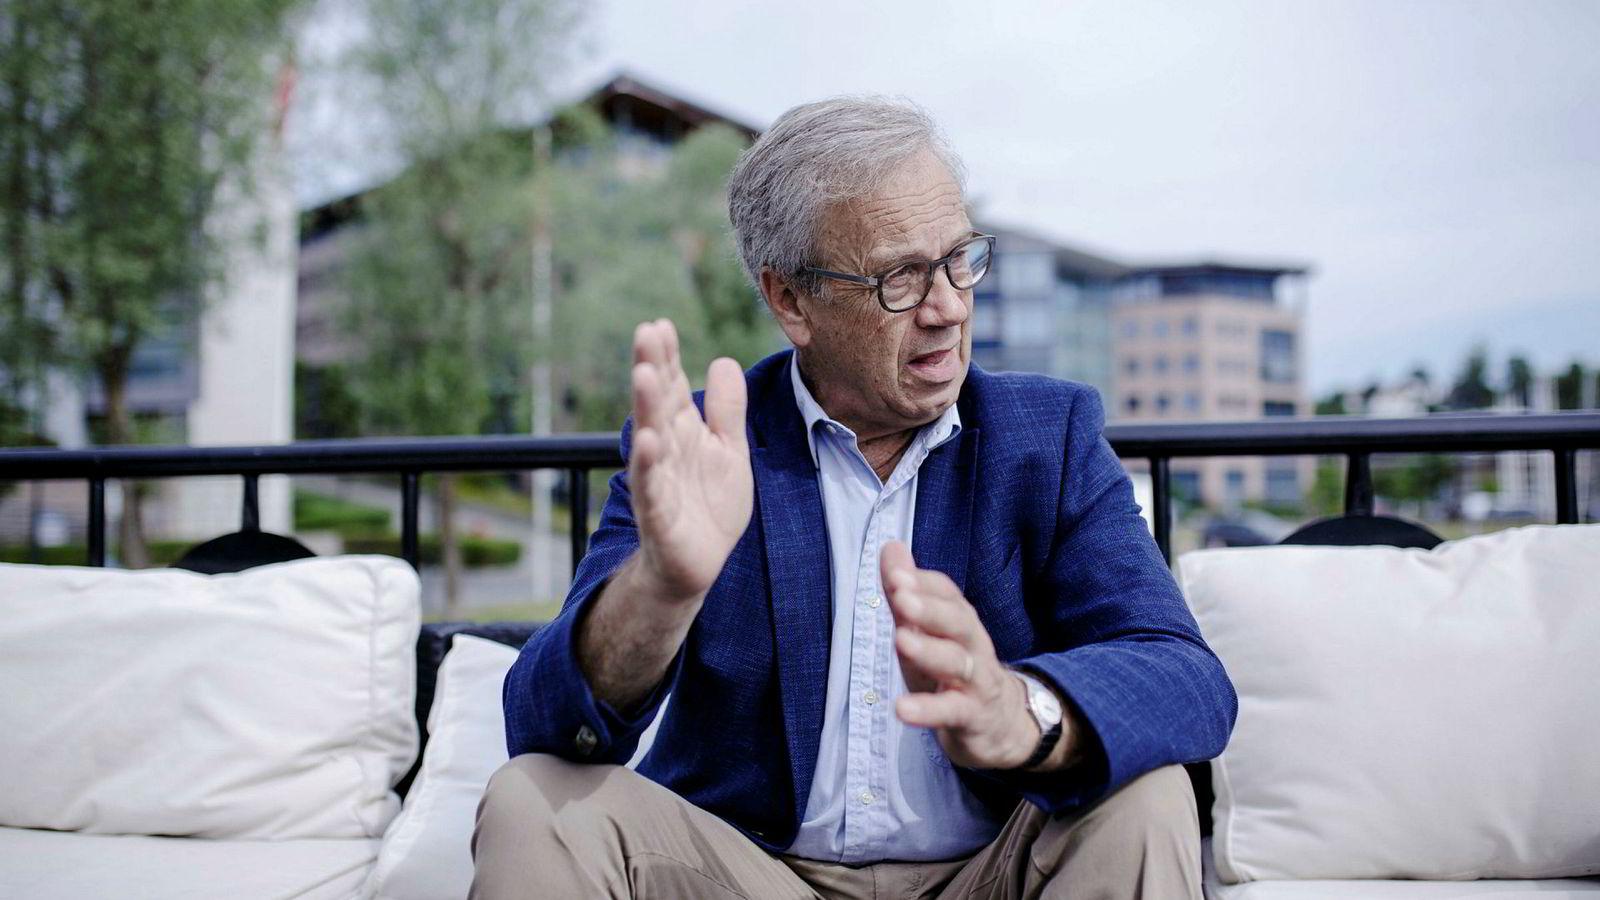 Sentralbankene ønsker nå å stramme til, og det underbygges med bekymring for fremtidig inflasjon. Her Norges sentralbanksjef Øystein Olsen.